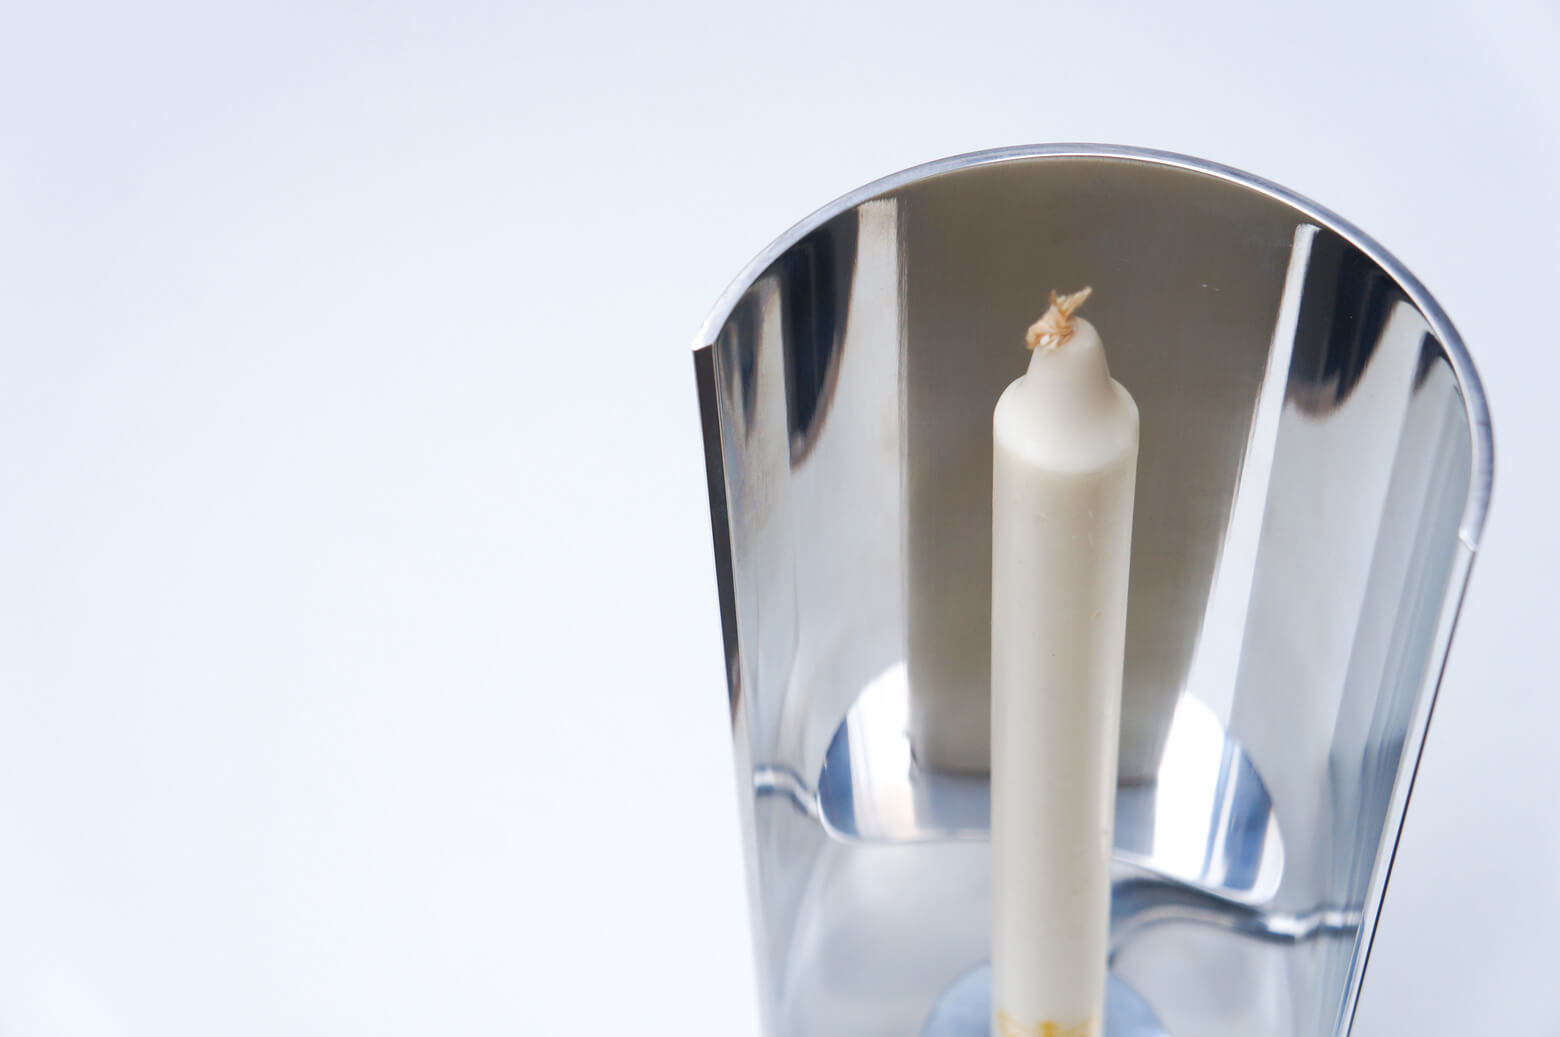 Georg Jensen Candle Holder designed by Jorgen Moller/ジョージ ジェンセン キャンドルホルダー ヨルゲン・モラー